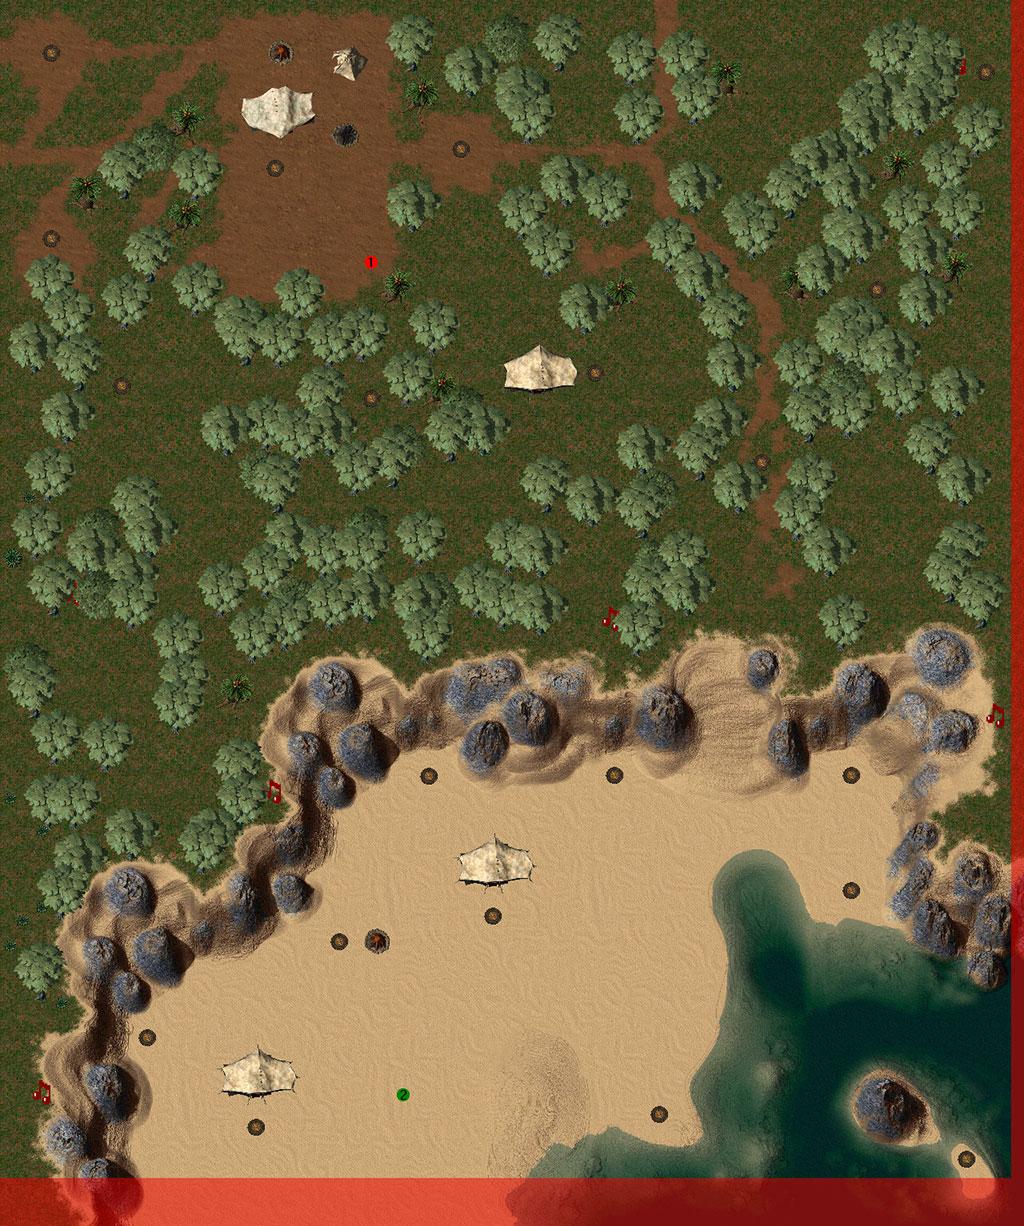 New Era - BoD Mission Map #7 Newera27